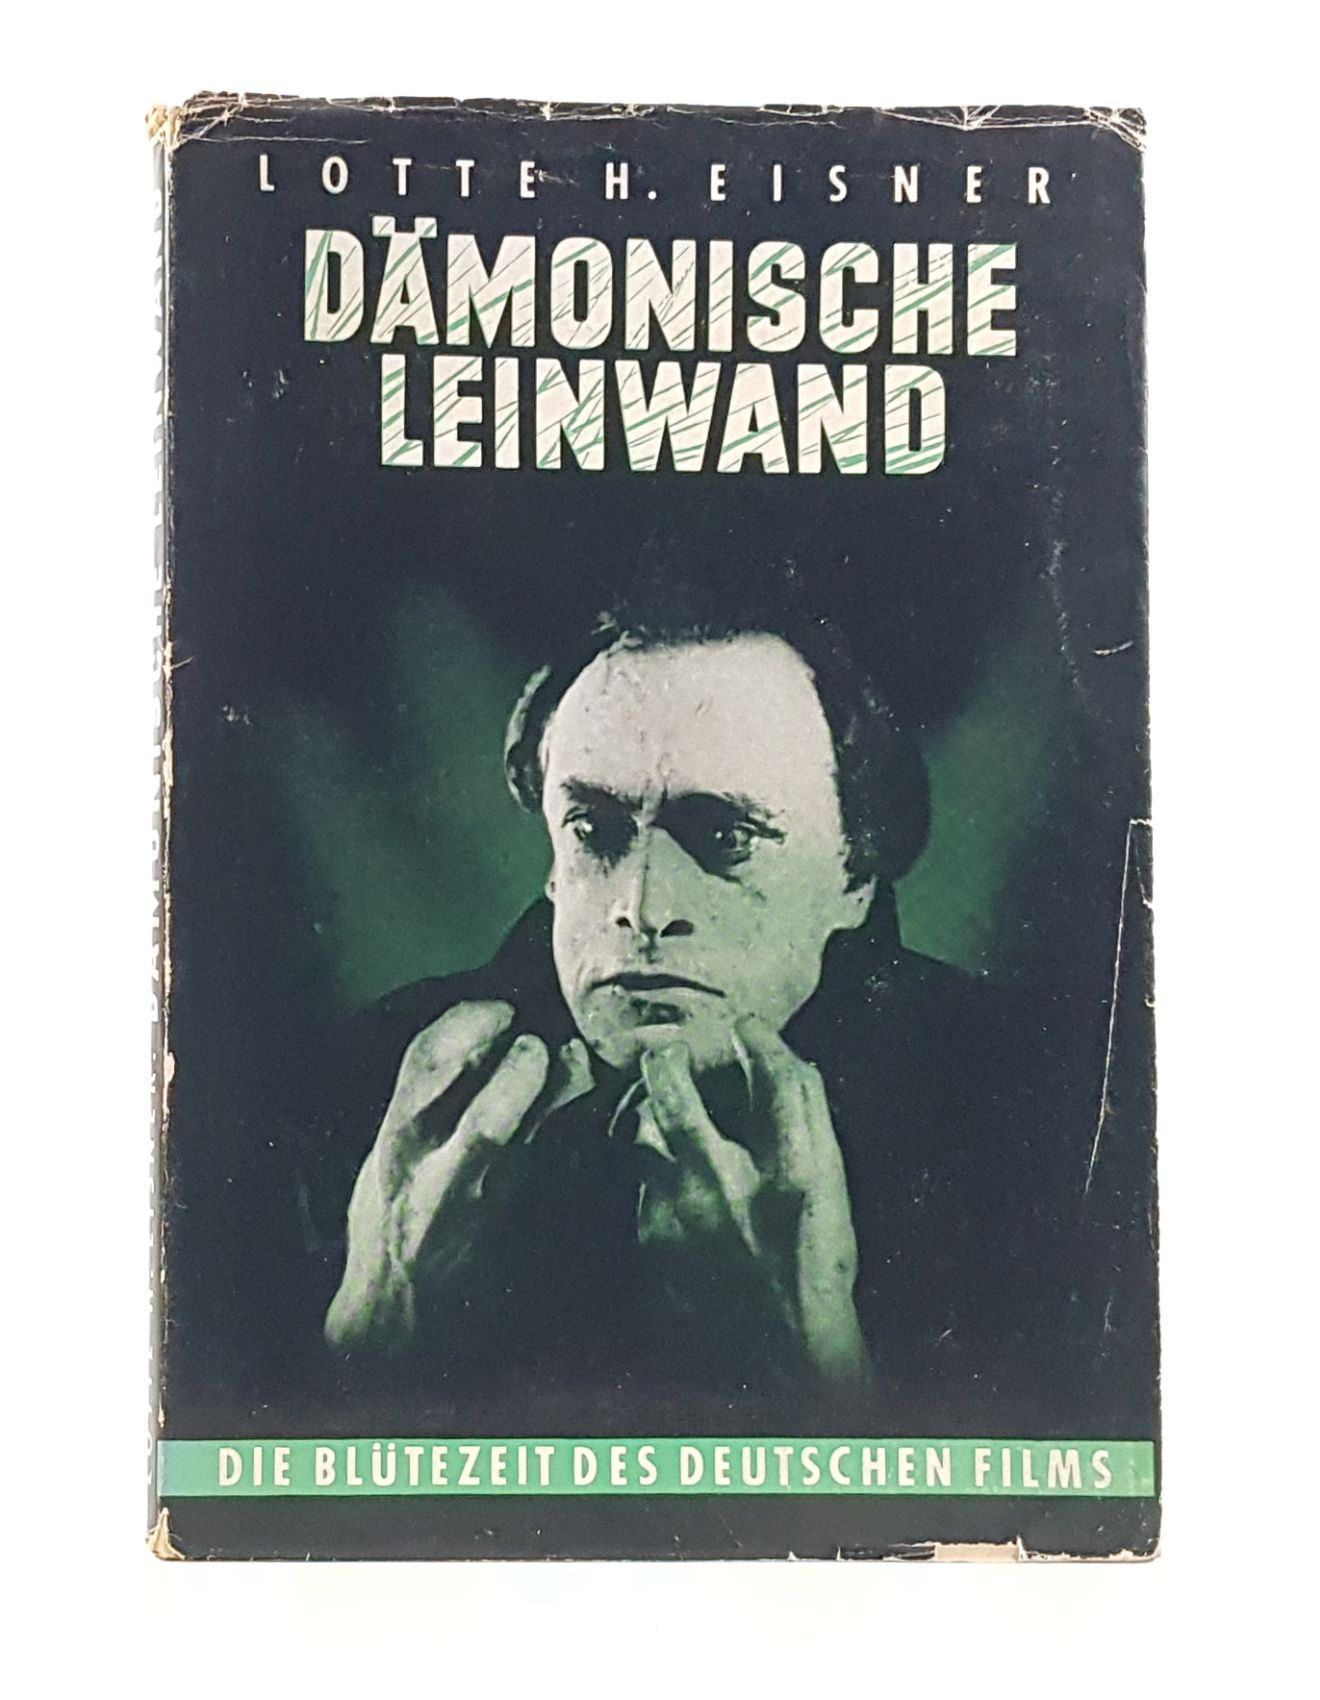 Dämonische Leinwand: Die Blütezeit des deutschen Films.: Eisner, Lotte H.: